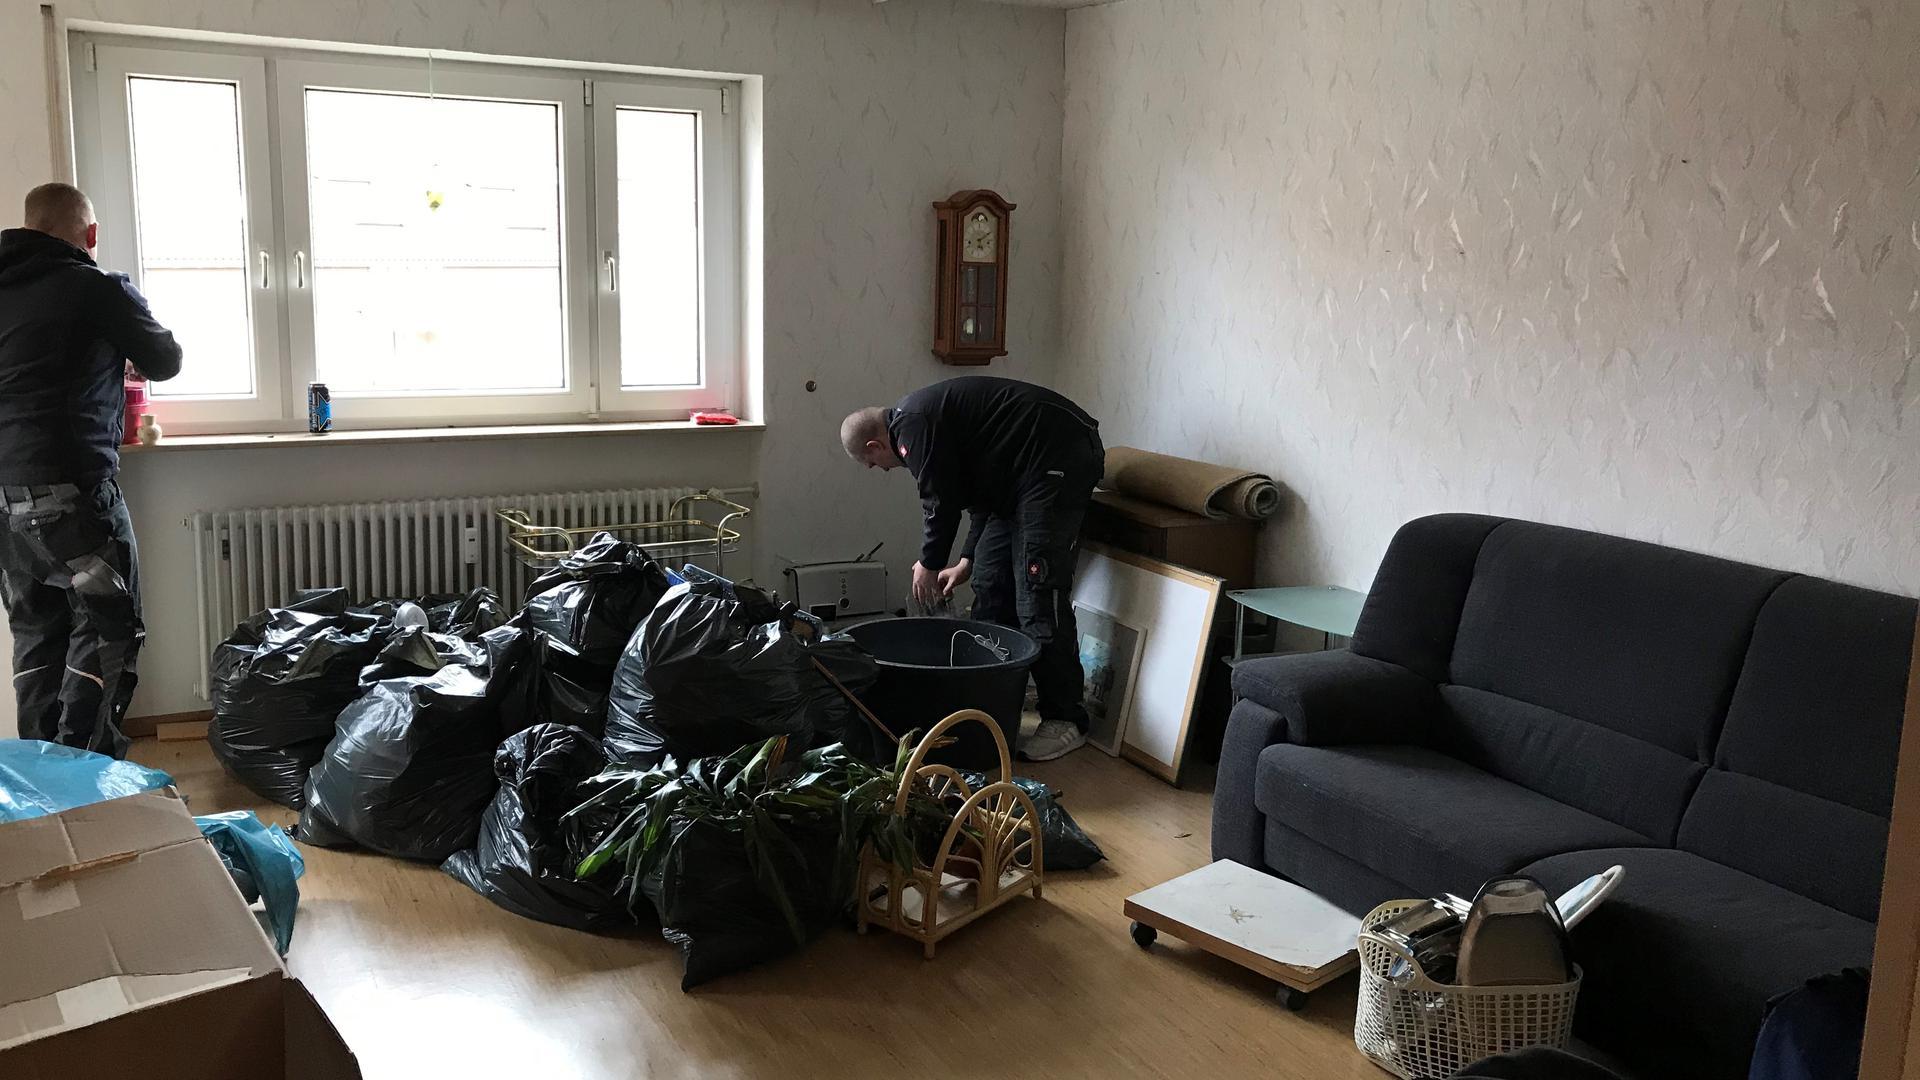 Wohnzimmer mit schwarzen Plastiksäcken in der Mitte